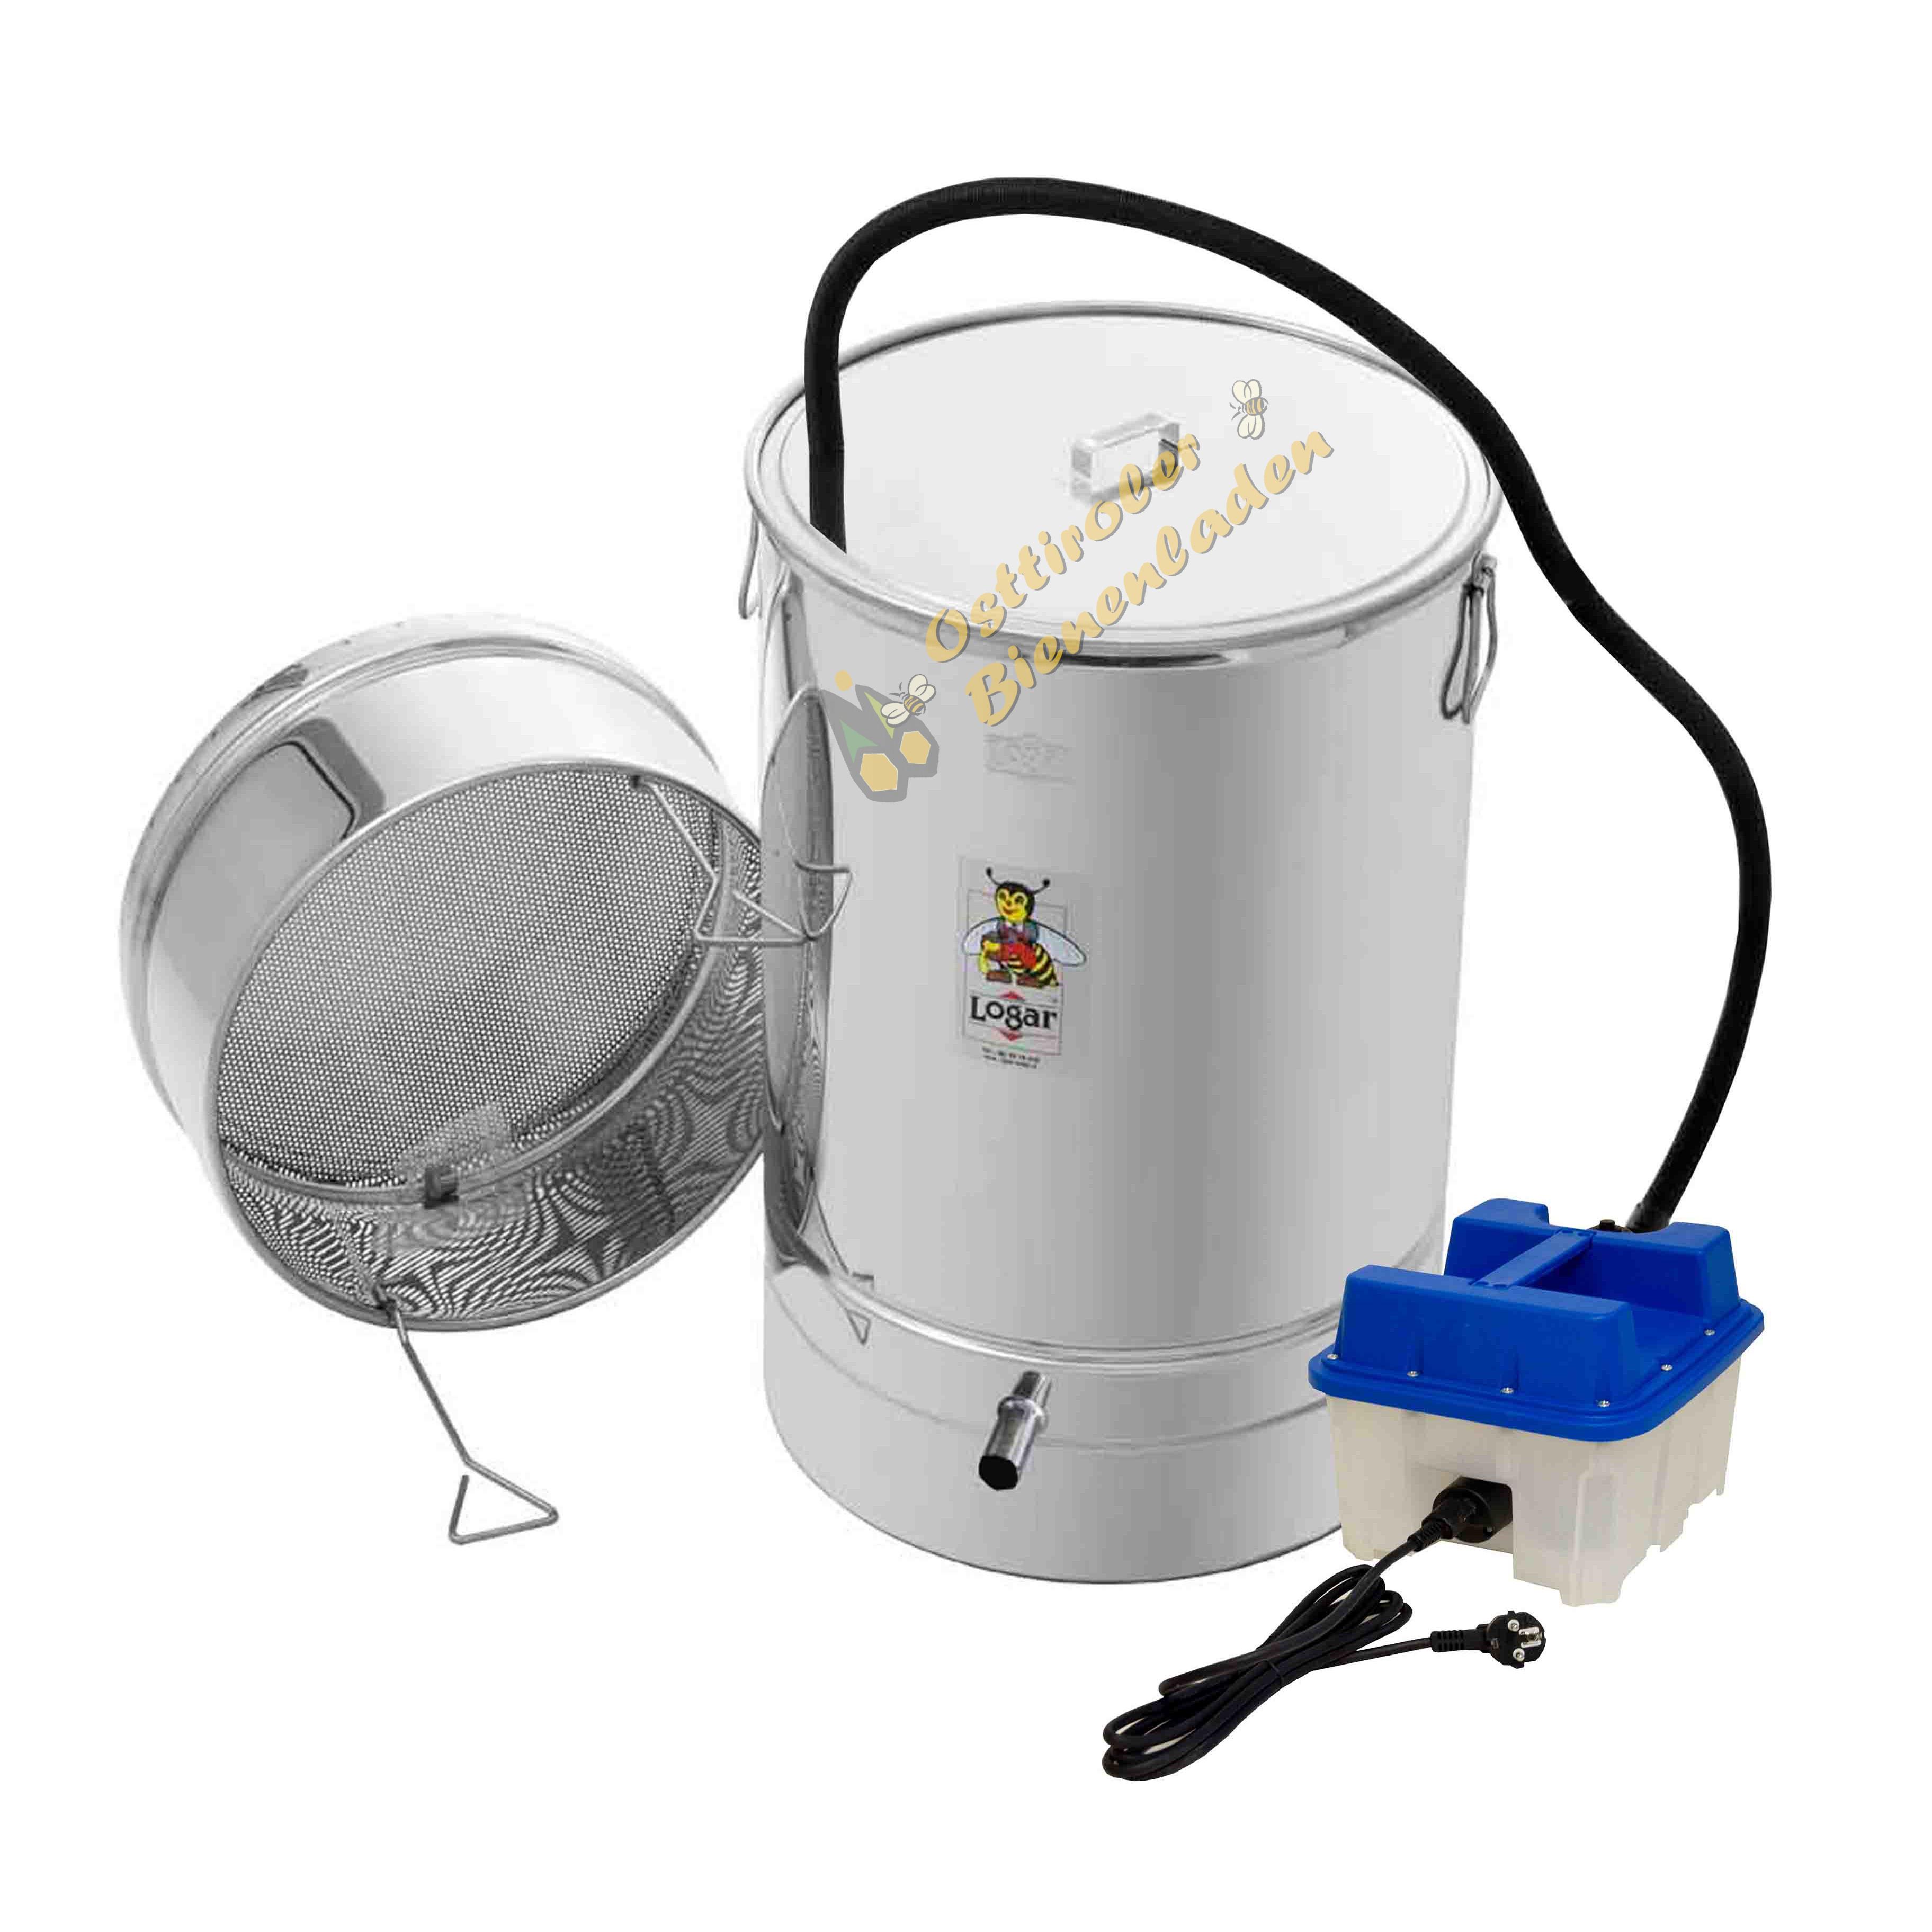 Kleinwachsschmelzer und Desinfektor mit Dampfgenerator